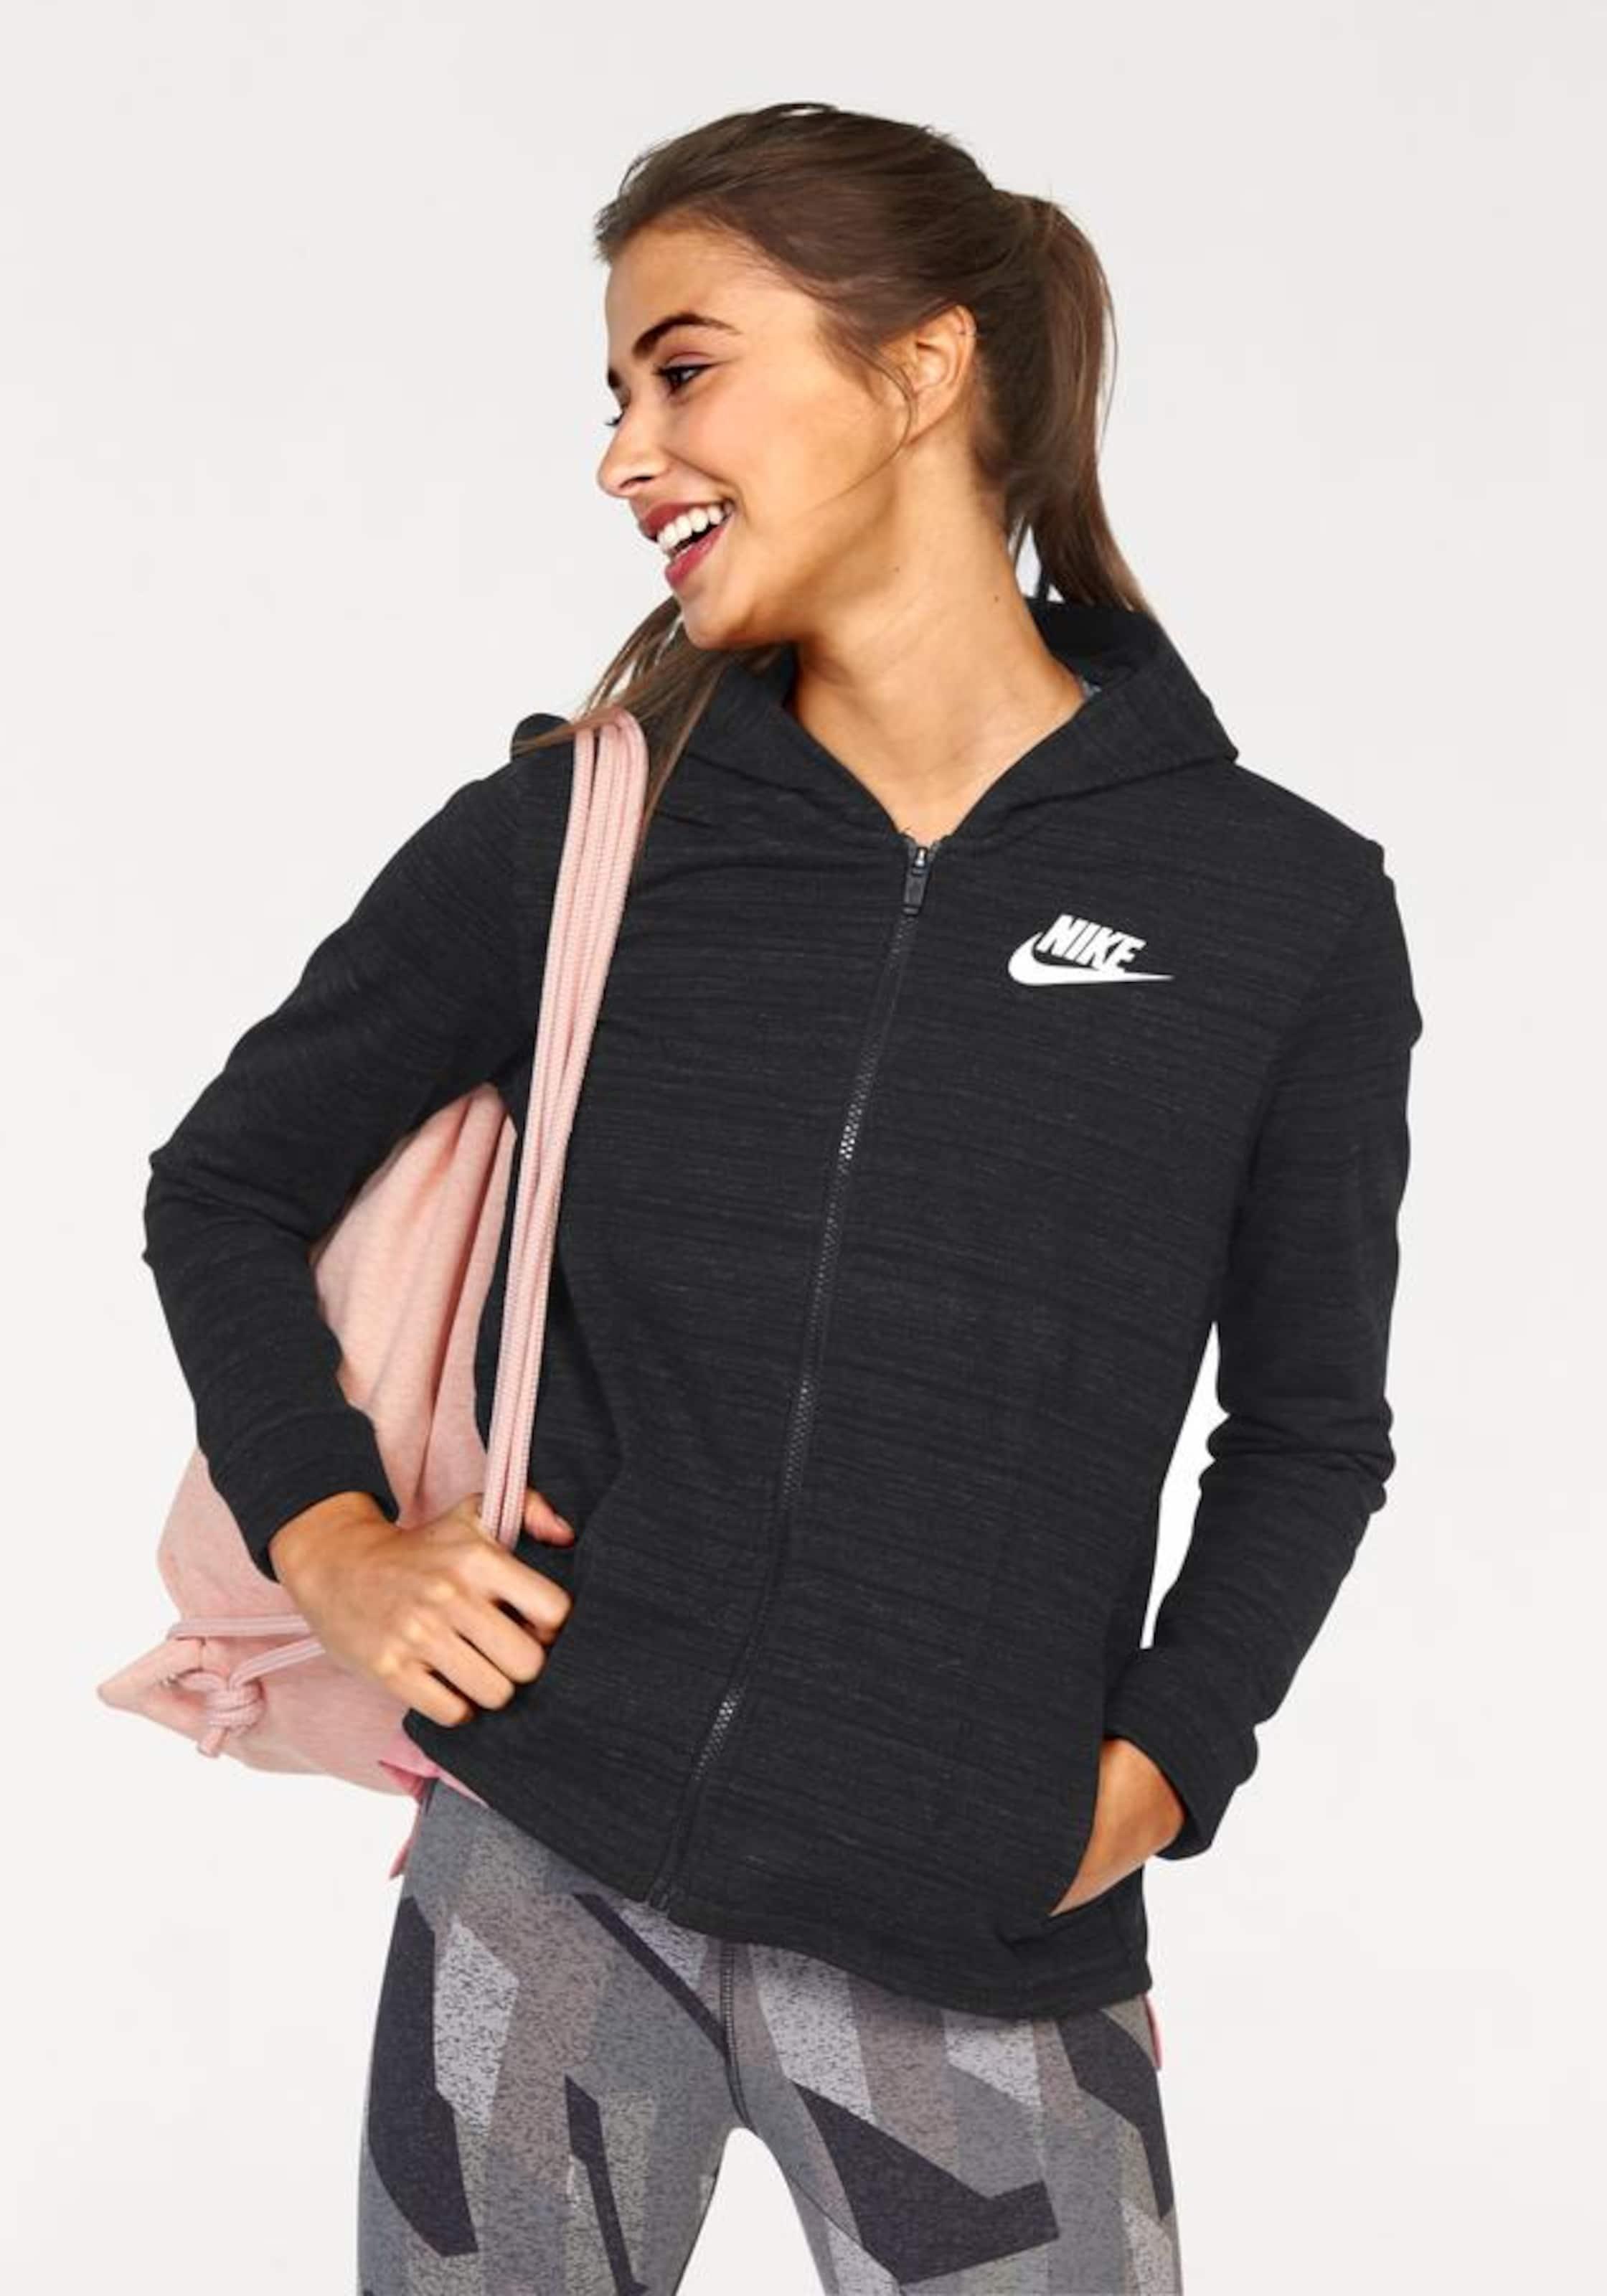 Nike Sportswear Advanced Knit Sweatjacke Damen Freiraum Suchen Mit Paypal Freiem Verschiffen Rabatt Kaufen mGSXq